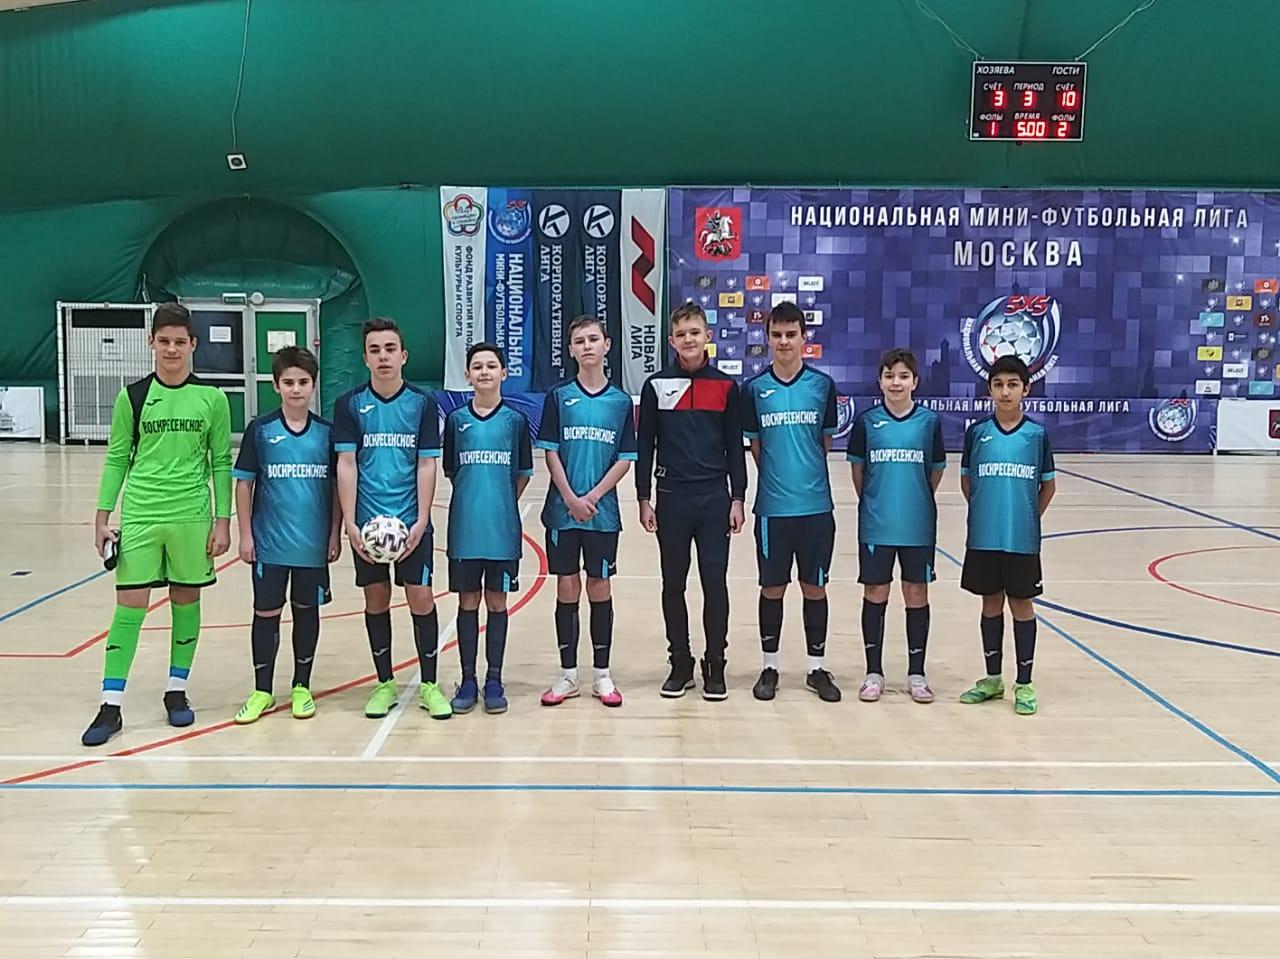 Спортсмены поселения Воскресенское выиграли серию футбольных матчей